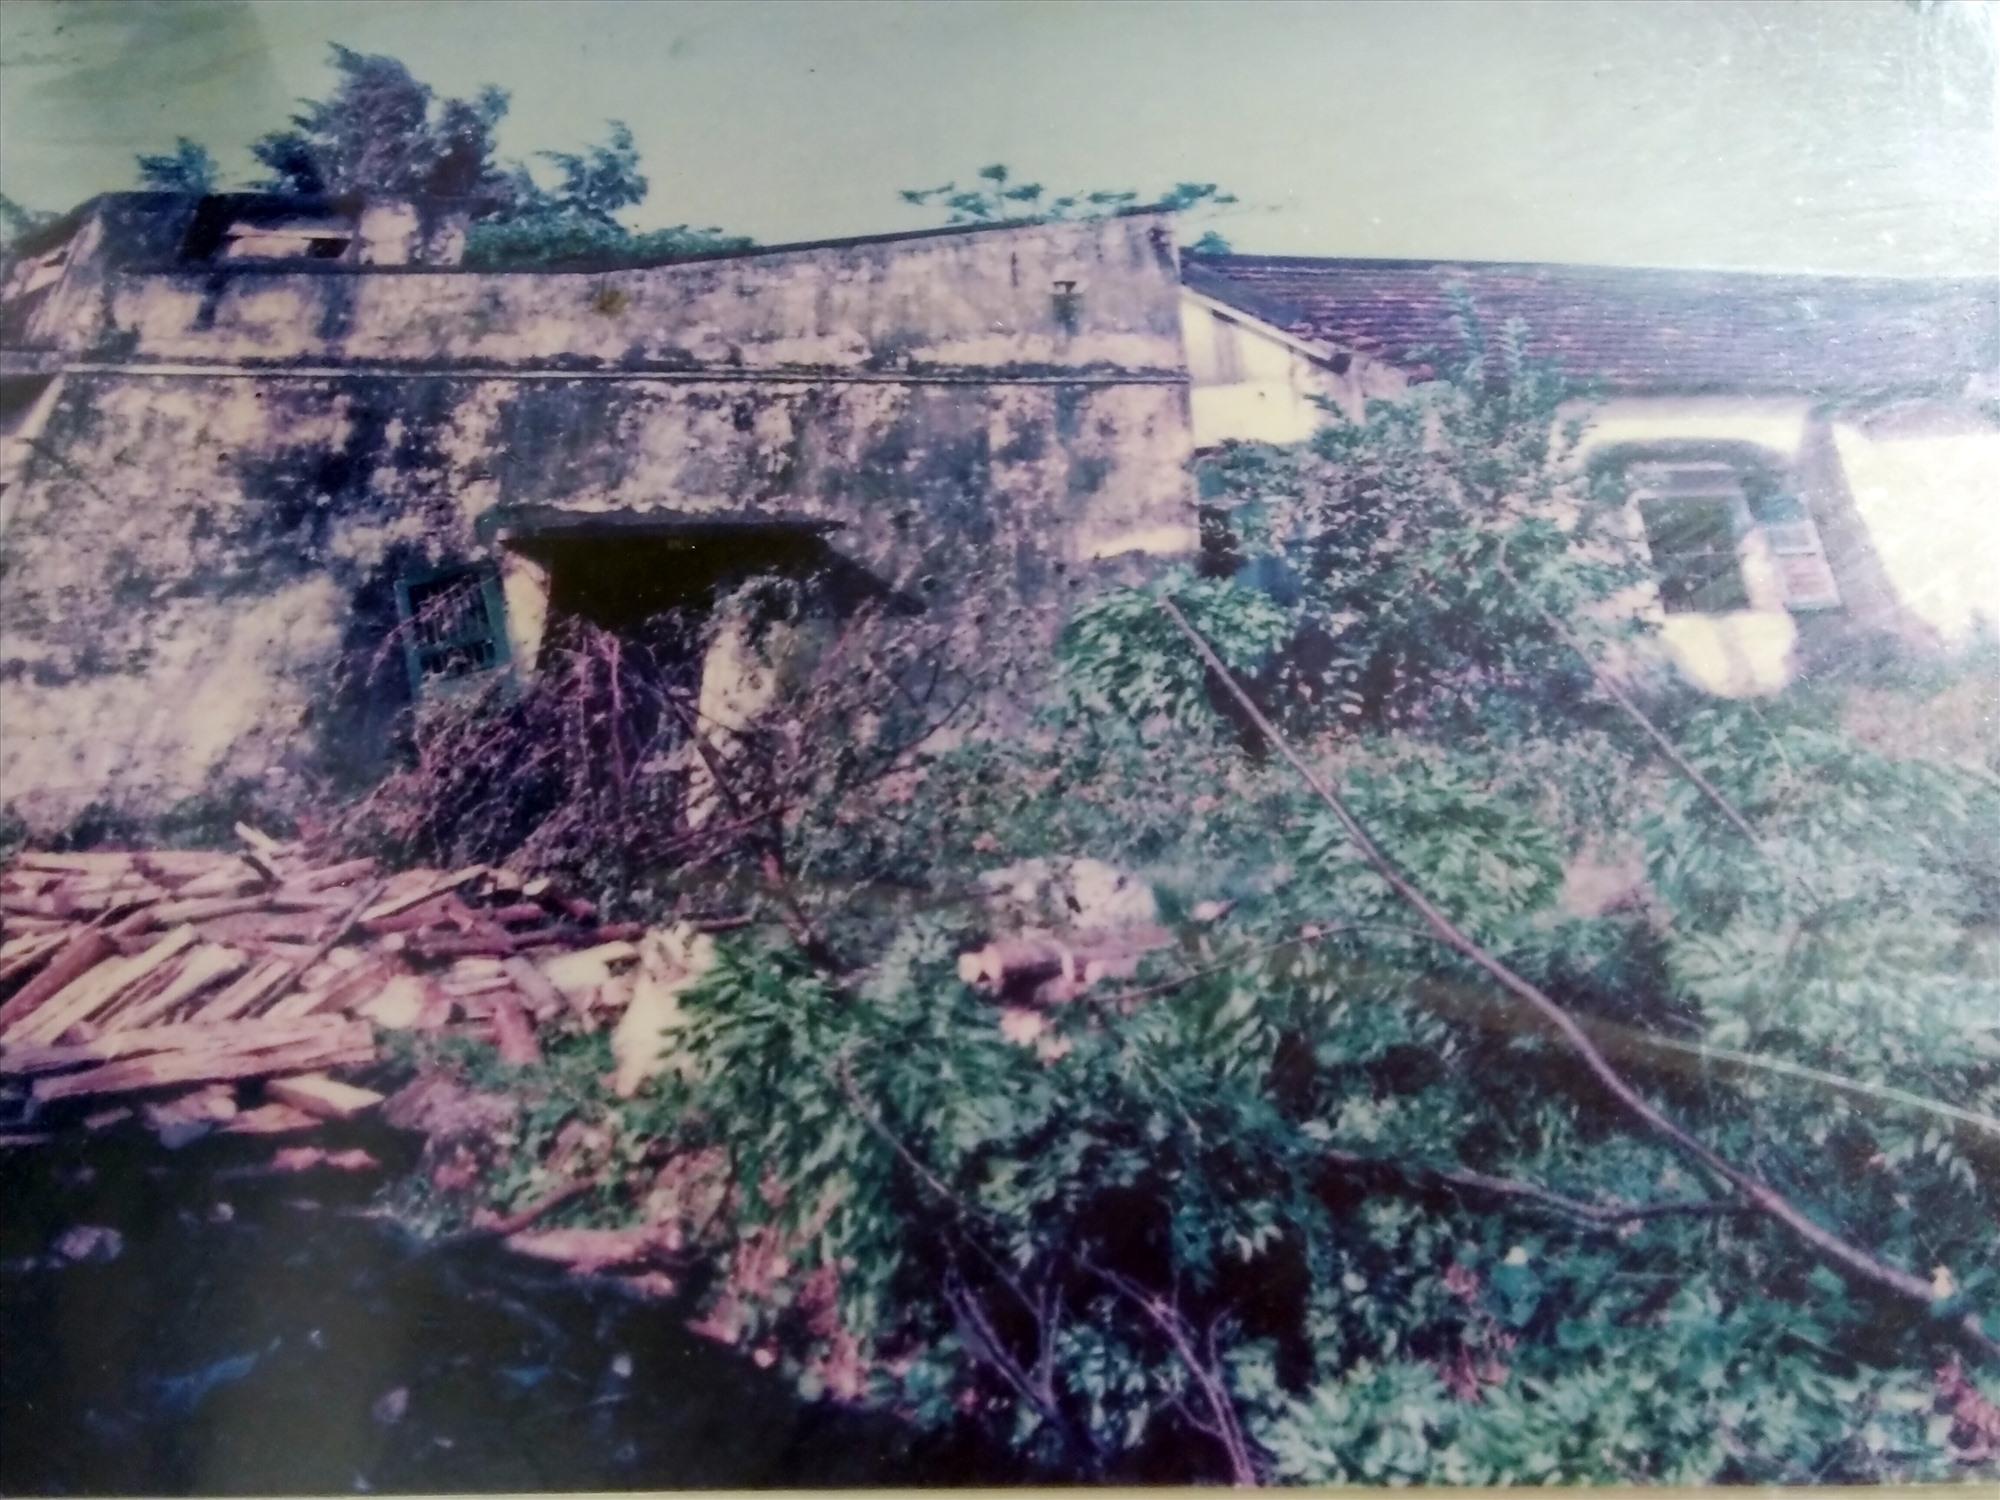 Nhà lao Hội An, nơi địch giam cầm, tra tấn chiến sĩ cách mạng (ảnh chụp lại).